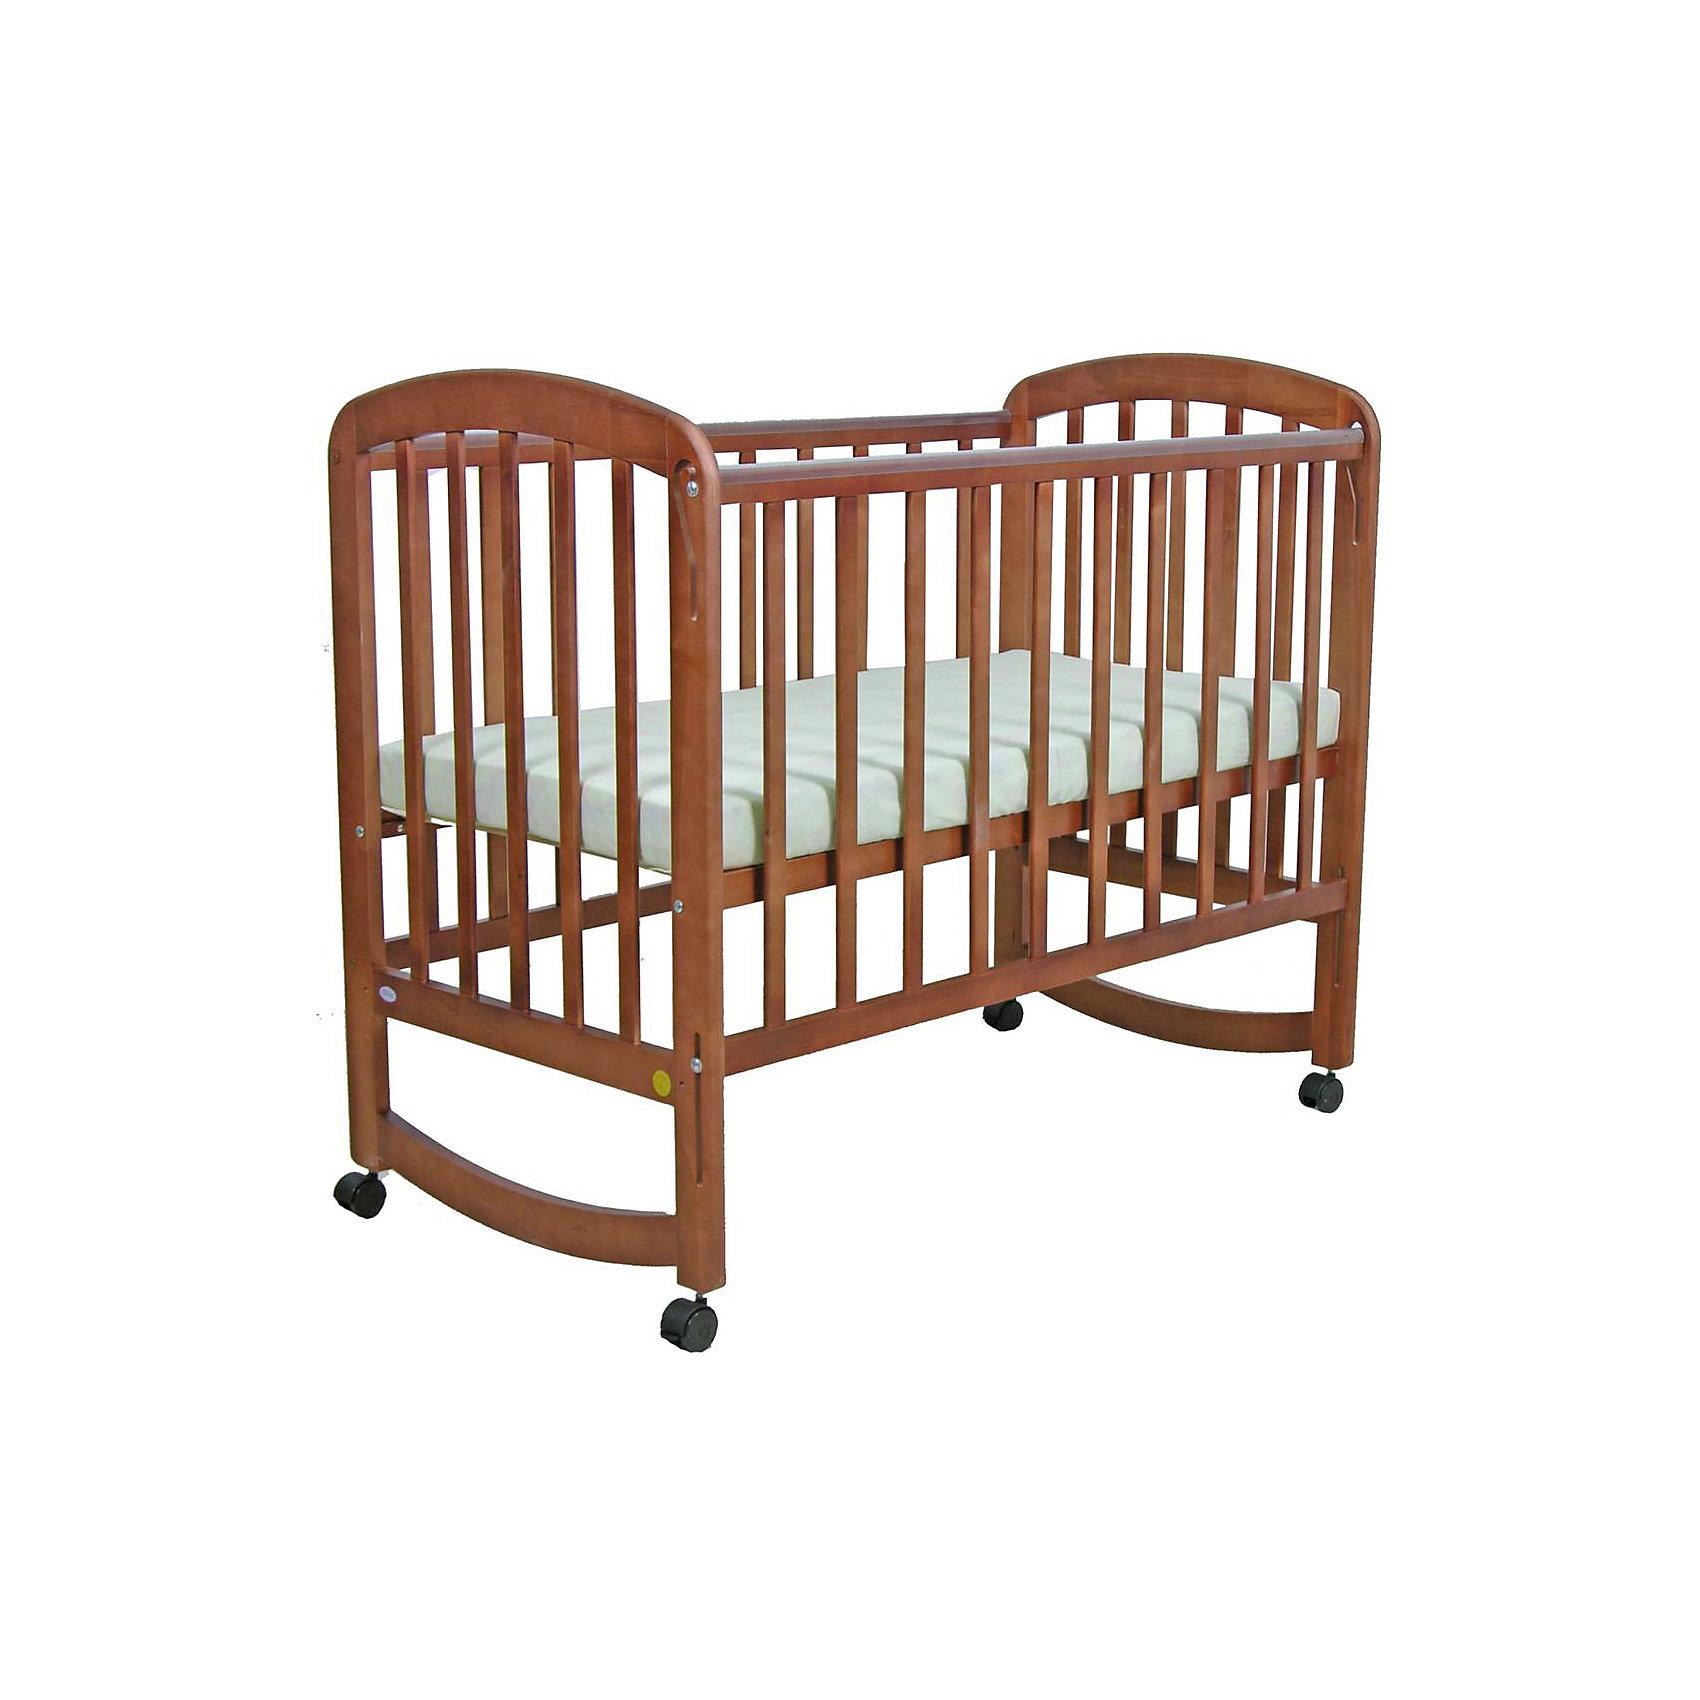 Кроватка 304, Фея, орехКроватки<br>Кроватка Фея подарит малышам комфортный отдых и сладкий сон с первых дней жизни. Кроватка изготовлена из высококачественных экологичных, безопасных для детей материалов, она вместительная и прочная, поэтому прослужит вам и вашему малышу очень долго. Реечное дно модели регулируется в двух положениях - когда ваш кроха подрастет, опустите ложе и не беспокойтесь о том, что юный непоседа сможет самостоятельно выбраться из своего гнездышка.  Благодаря специальному механизму, боковая стенка кровати быстро и легко опускается даже одной рукой. Кровать имеет колесики, с помощью которых ее удобно перемещать по комнате, при желании колеса можно снять, преобразовав кровать в качалку. <br><br>Дополнительная информация:<br><br>- Материал: дерево (массив березы).<br>- Размеры: 124,5х67,5х105 см.<br>- Для матраса размером: 120x60 см.<br>- Ложе регулируется в 2-х положениях.<br>- Передняя стенка опускается. <br>- Дно: реечное.<br>- Стенки: реечные. <br>- Съемные колеса.<br>- Качалка. <br>- Накладки из ПВХ. <br><br>Кроватку 304, Фея, орех, можно купить в нашем магазине.<br><br>Ширина мм: 1005<br>Глубина мм: 1248<br>Высота мм: 675<br>Вес г: 17700<br>Возраст от месяцев: 0<br>Возраст до месяцев: 36<br>Пол: Унисекс<br>Возраст: Детский<br>SKU: 4796975